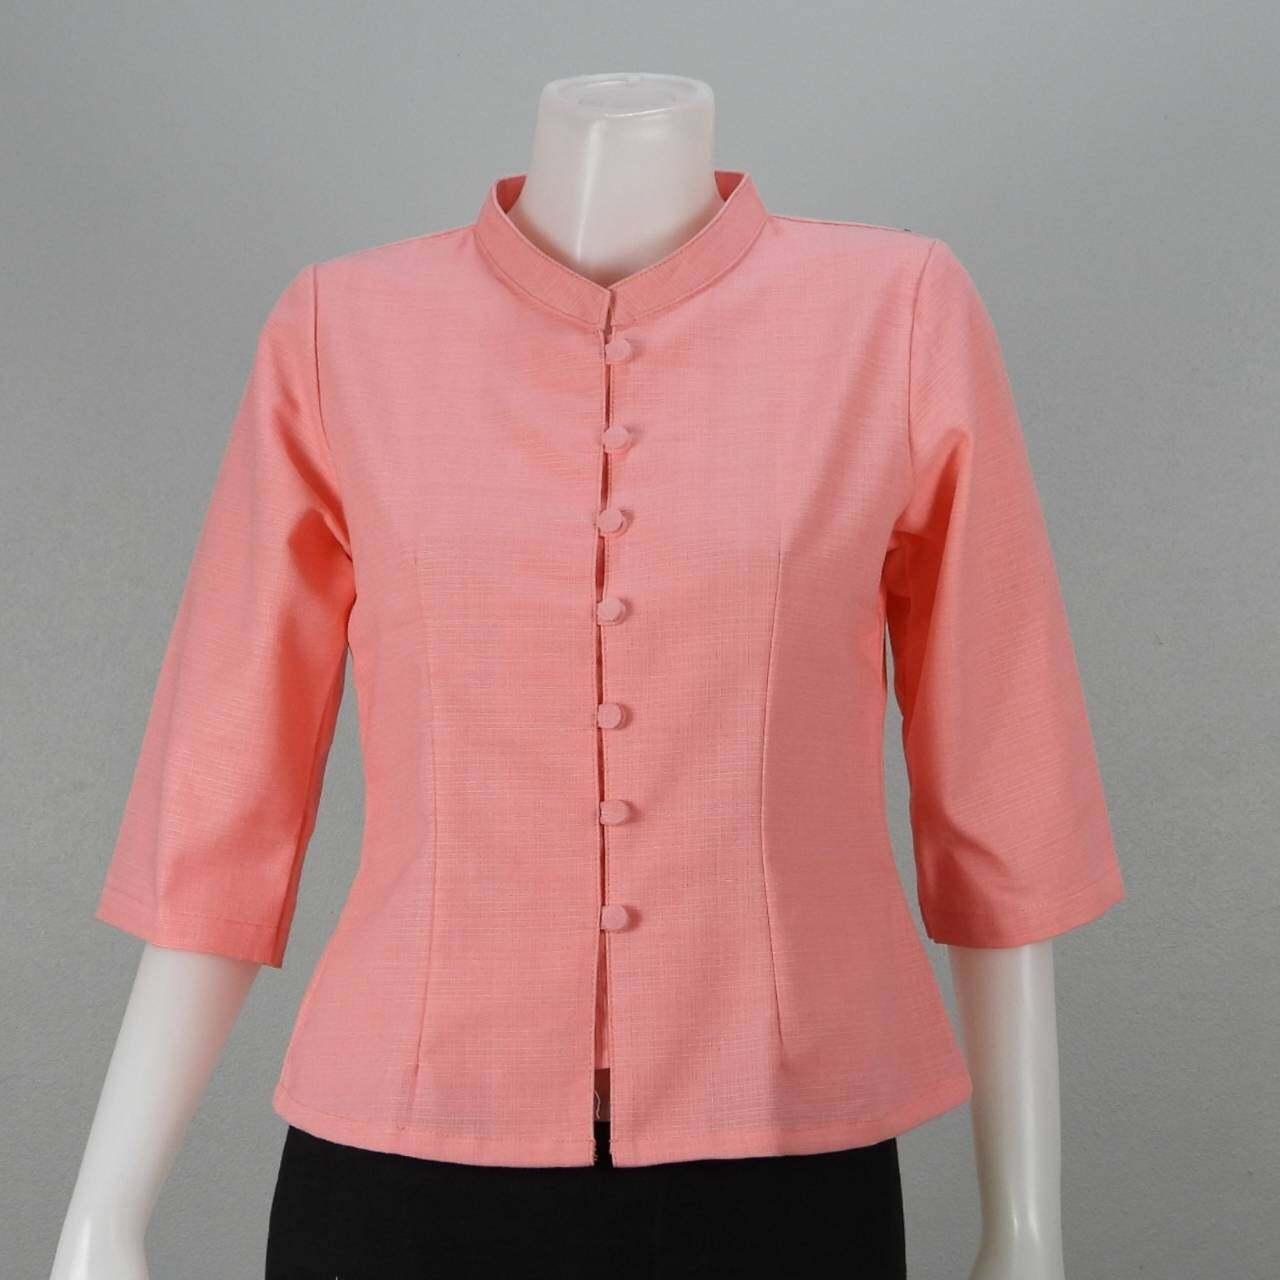 เสื้อผ้าฝ้ายชินมัยพื้นเมือง อก36-42นิ้ว คอจีนแขนสามส่วน ทรงสวยงานตัดเย็บปราณีต มีให้เลือก18สีค่ะ.